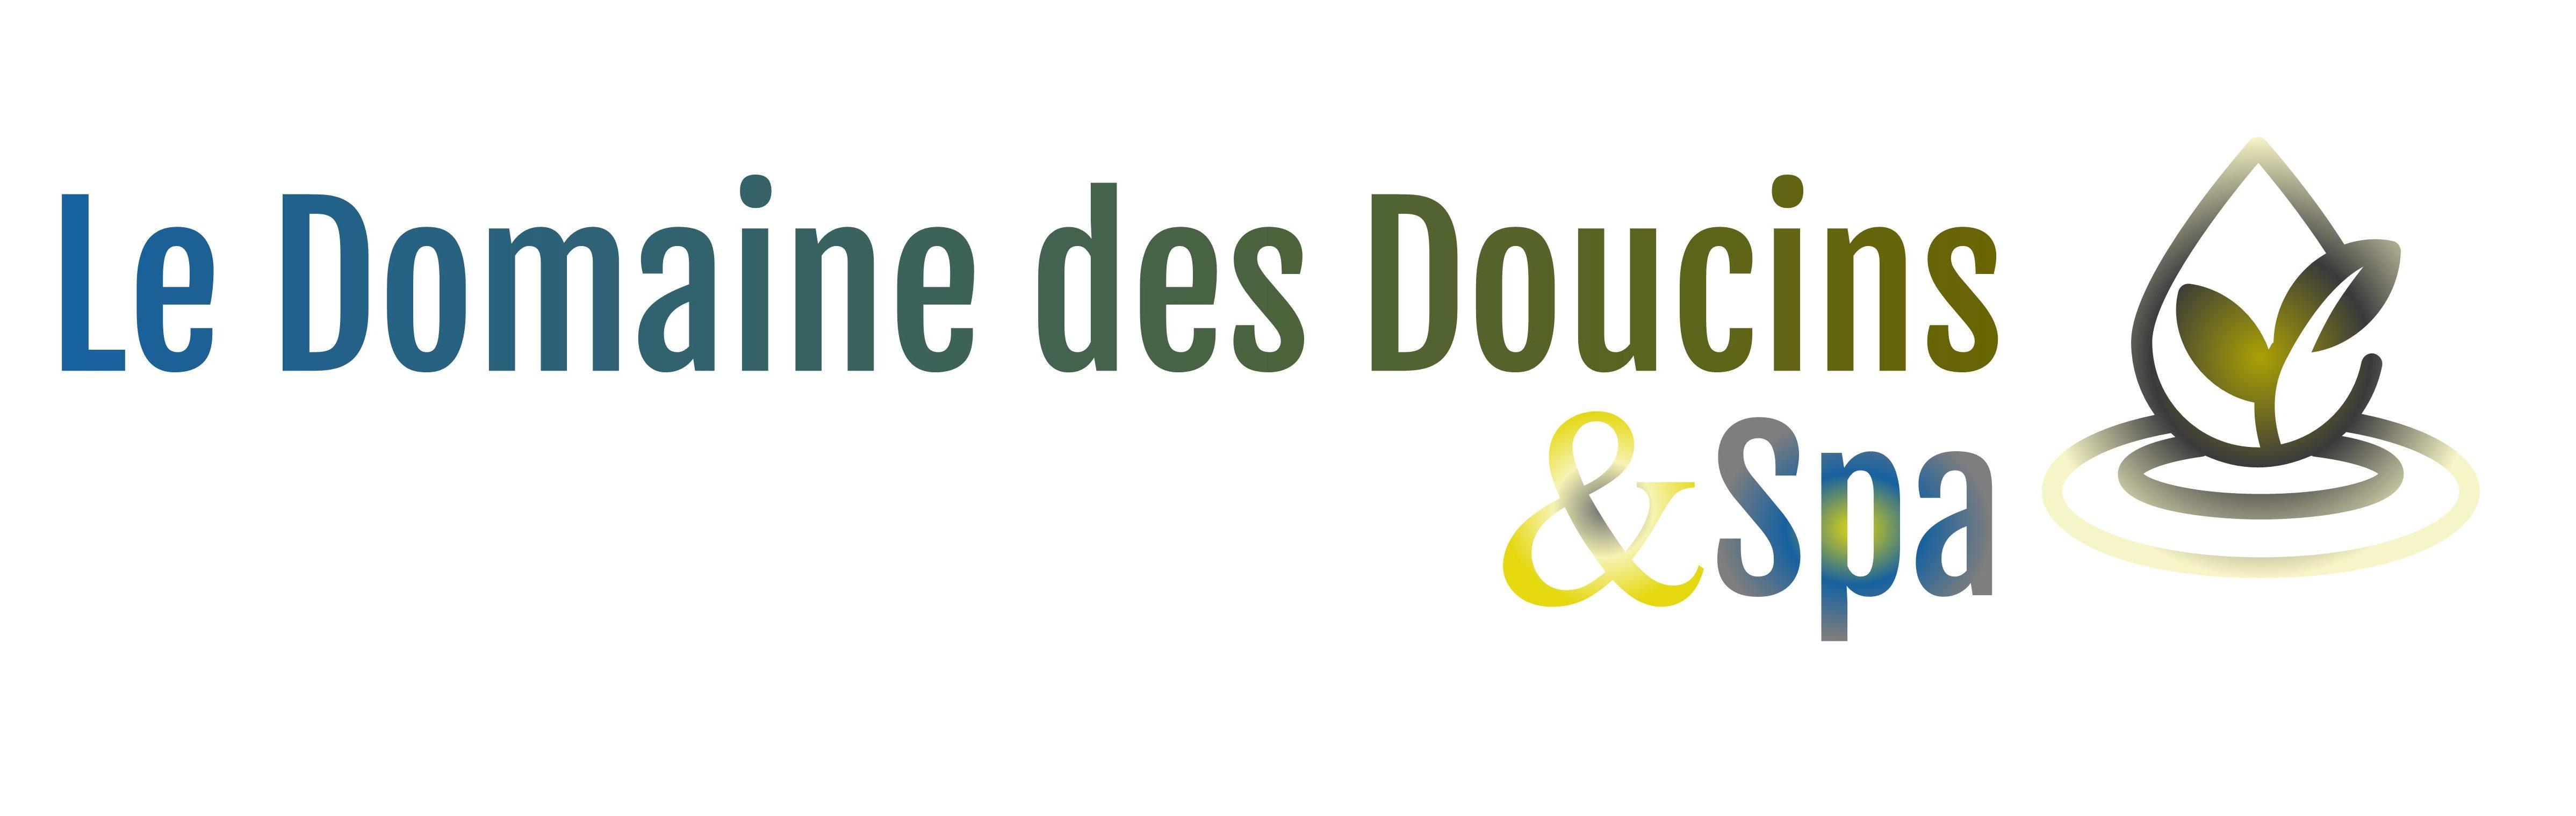 Le Domaine des Doucins **** & Spa